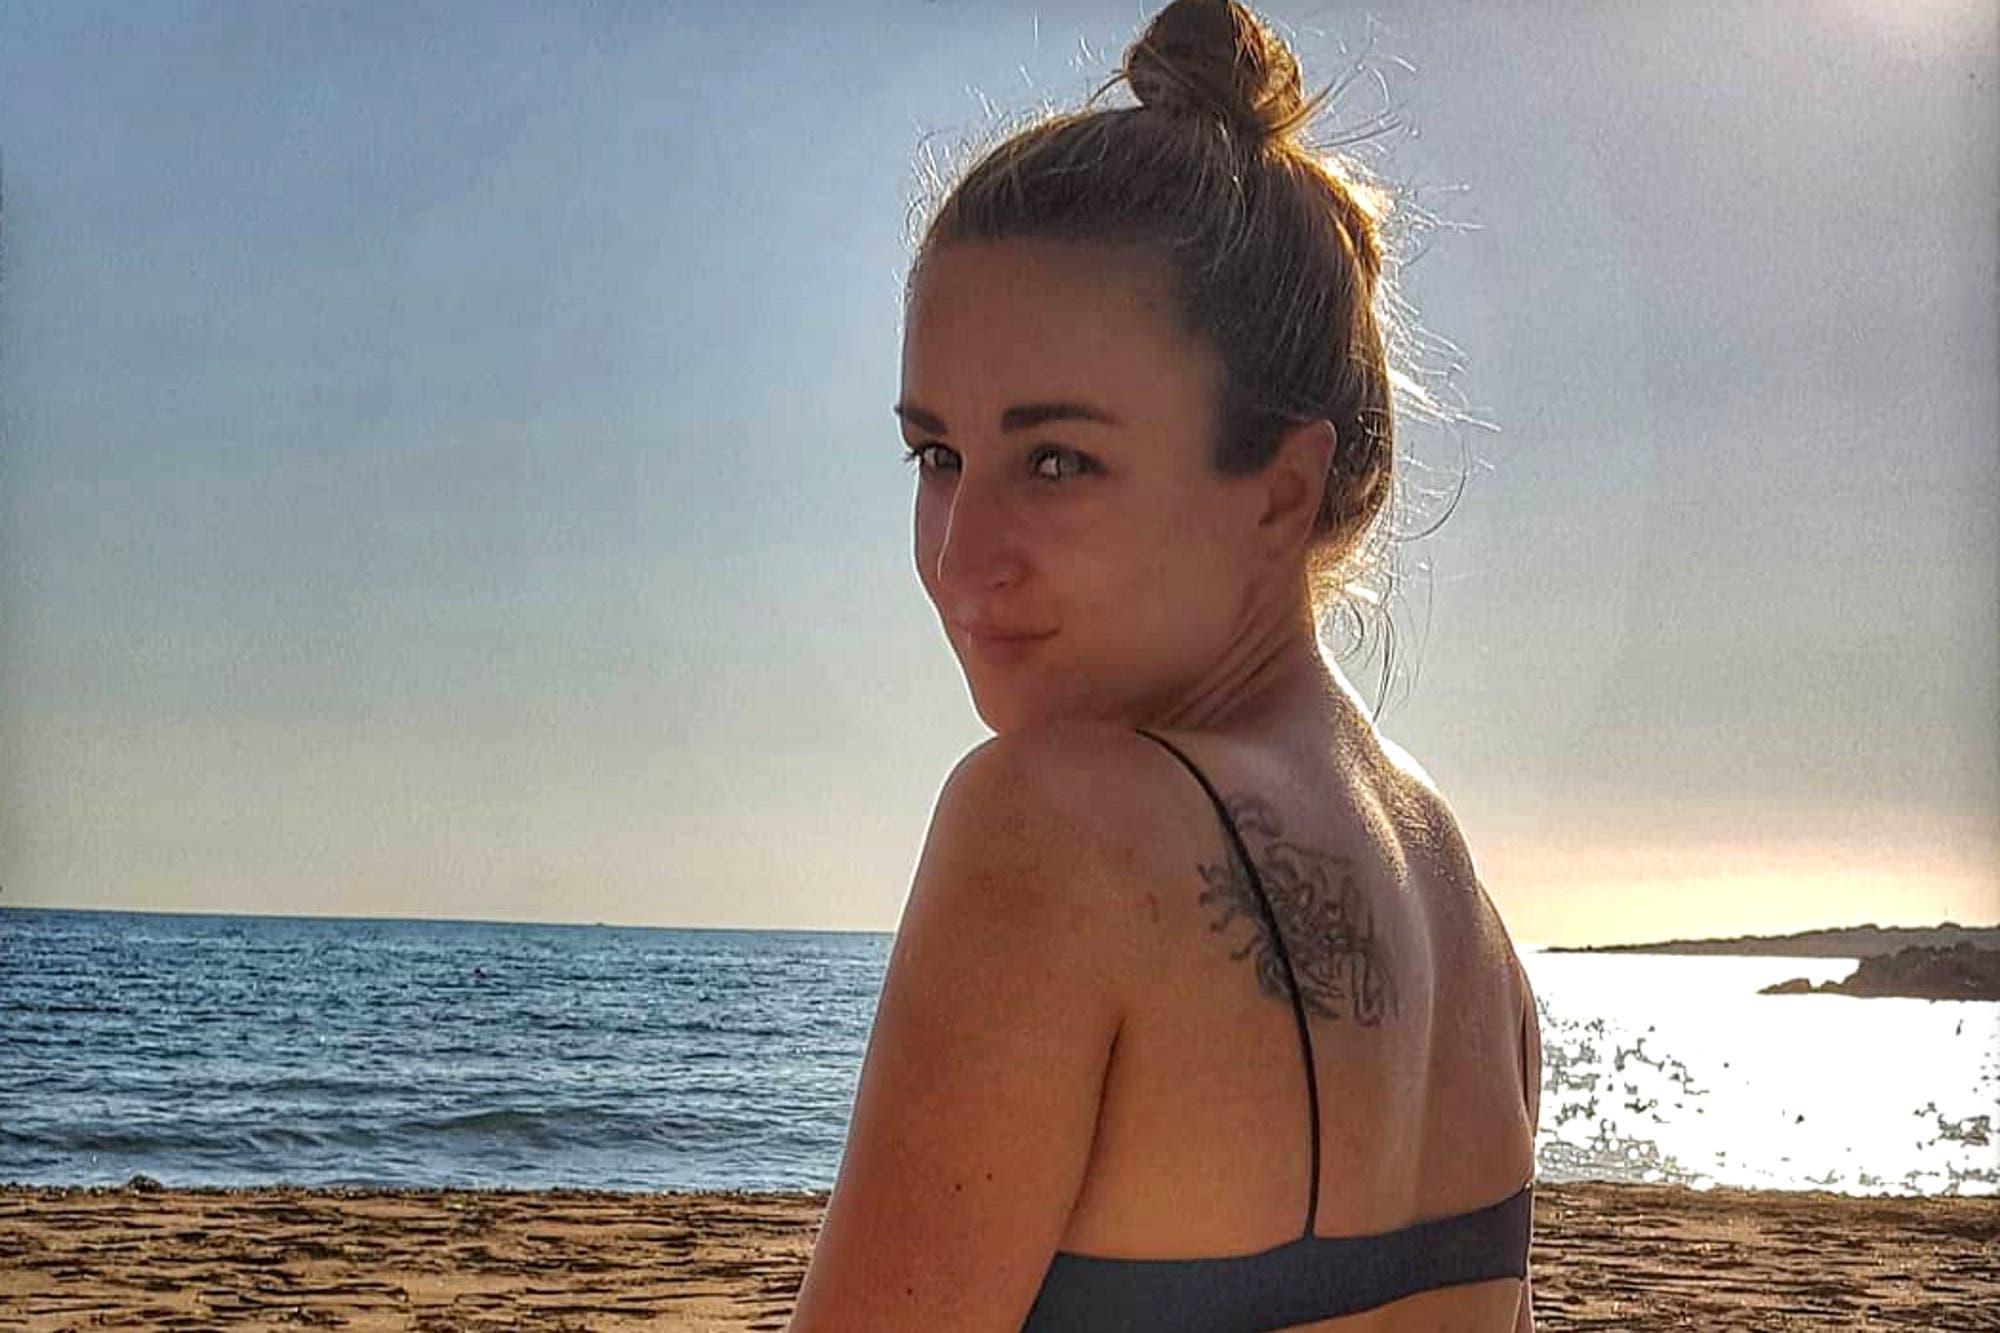 """Elena Krawzow, la nadadora paralímpica que protagoniza la tapa de Playboy: """"Quiero demostrar que una mujer con discapacidad también puede hacerlo"""""""